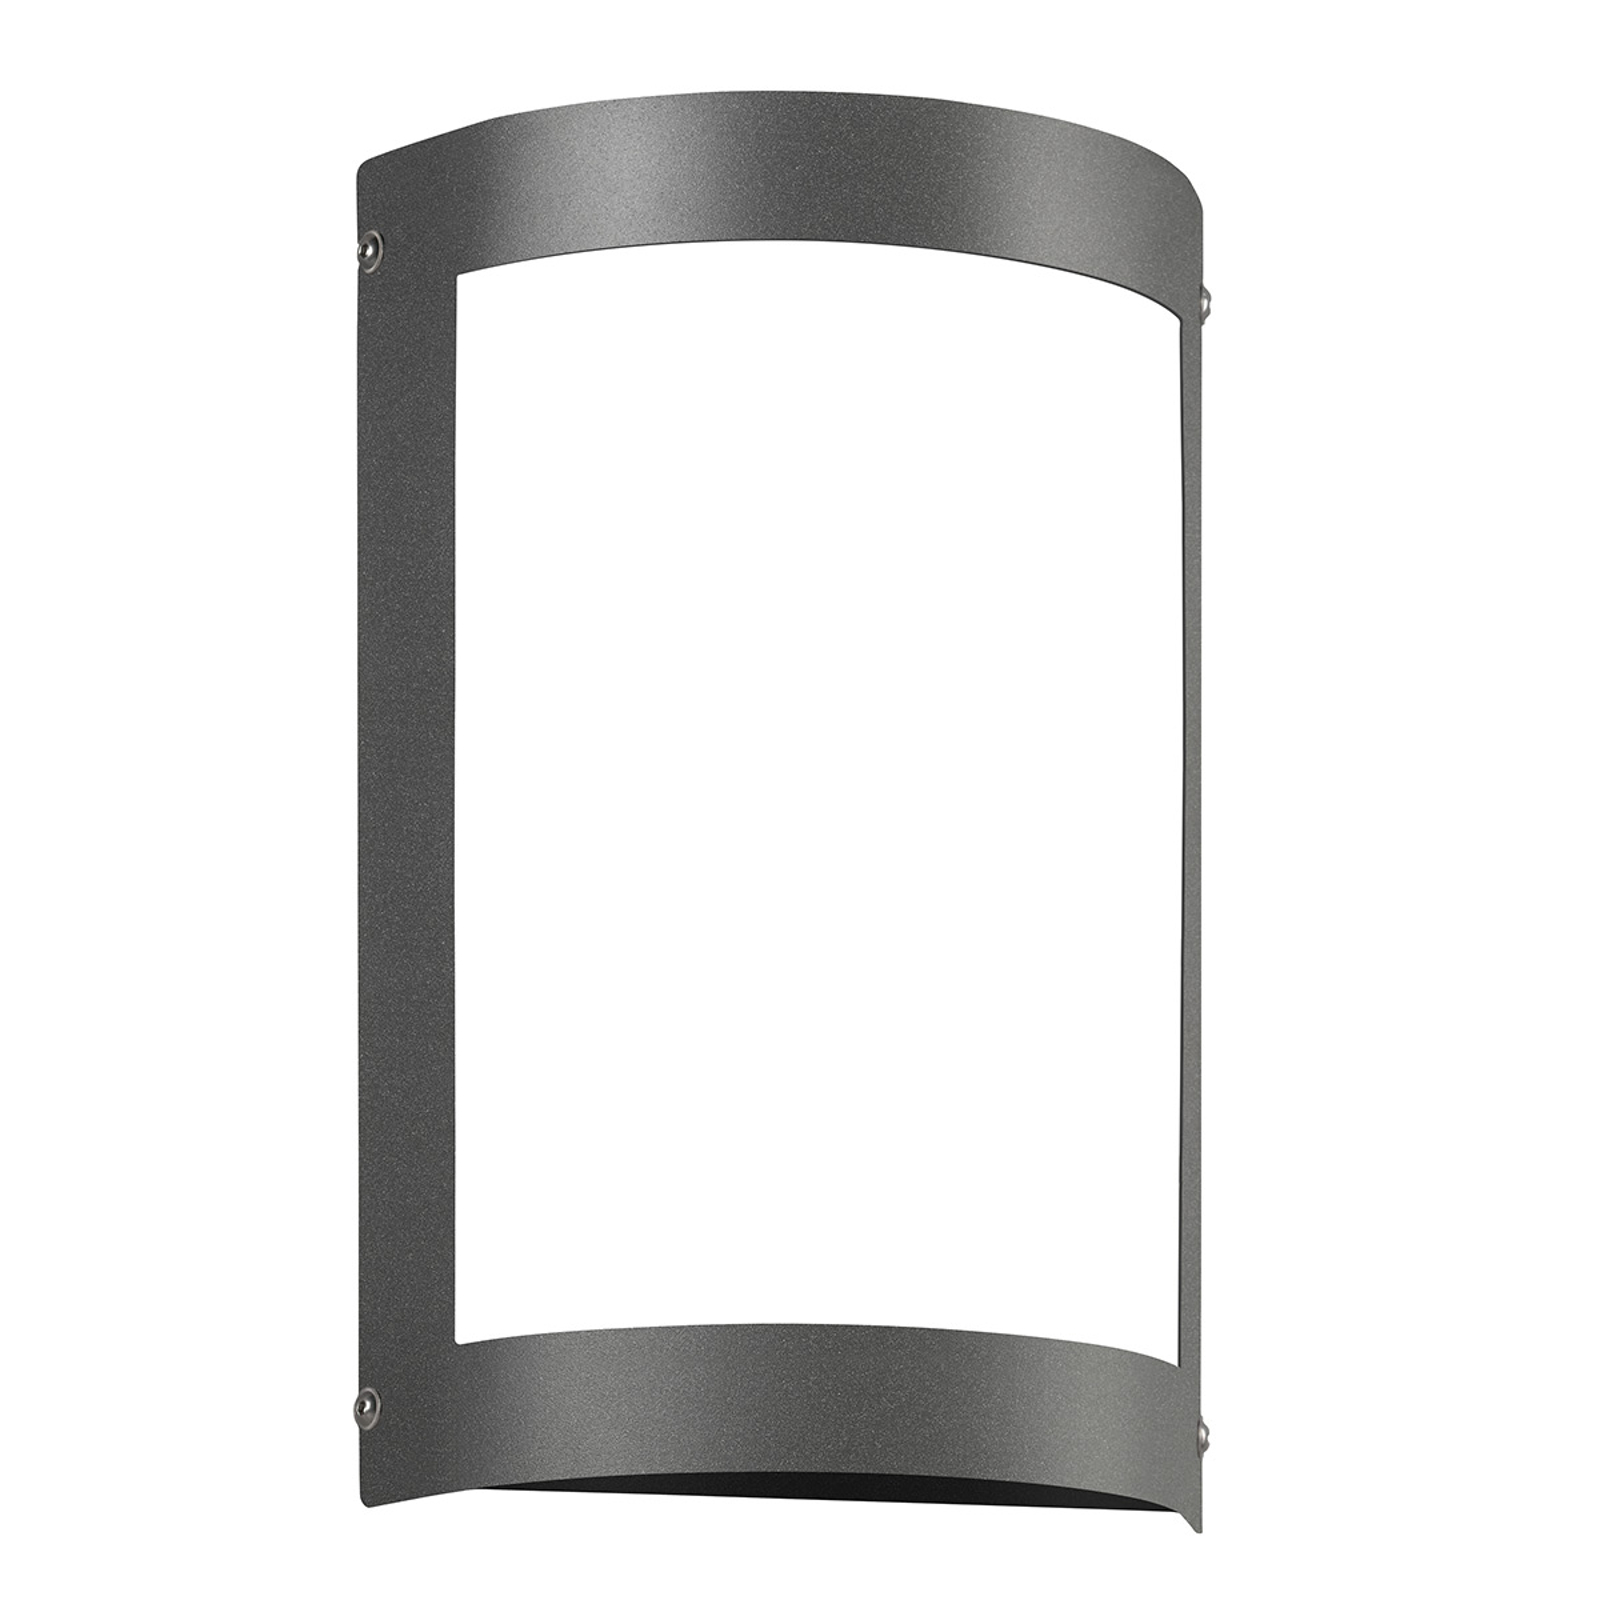 LED buitenlamp Aqua Marco zonder rooster antraciet